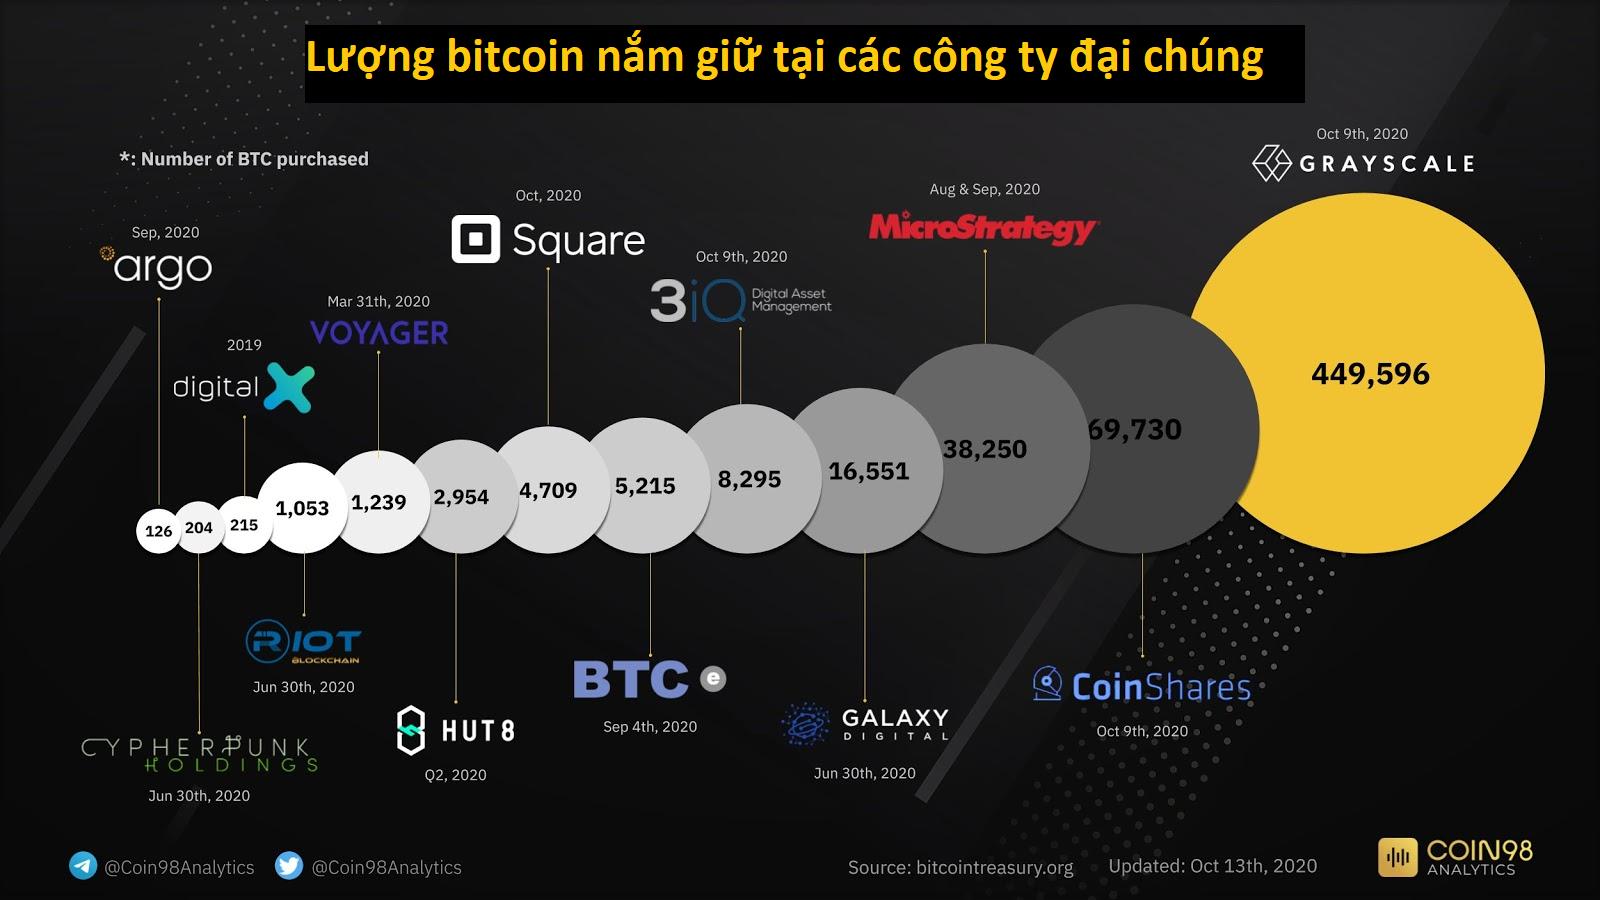 Lượng bitcoin nắm giữ bởi công ty đại chúng (Nguồn: Coin98)